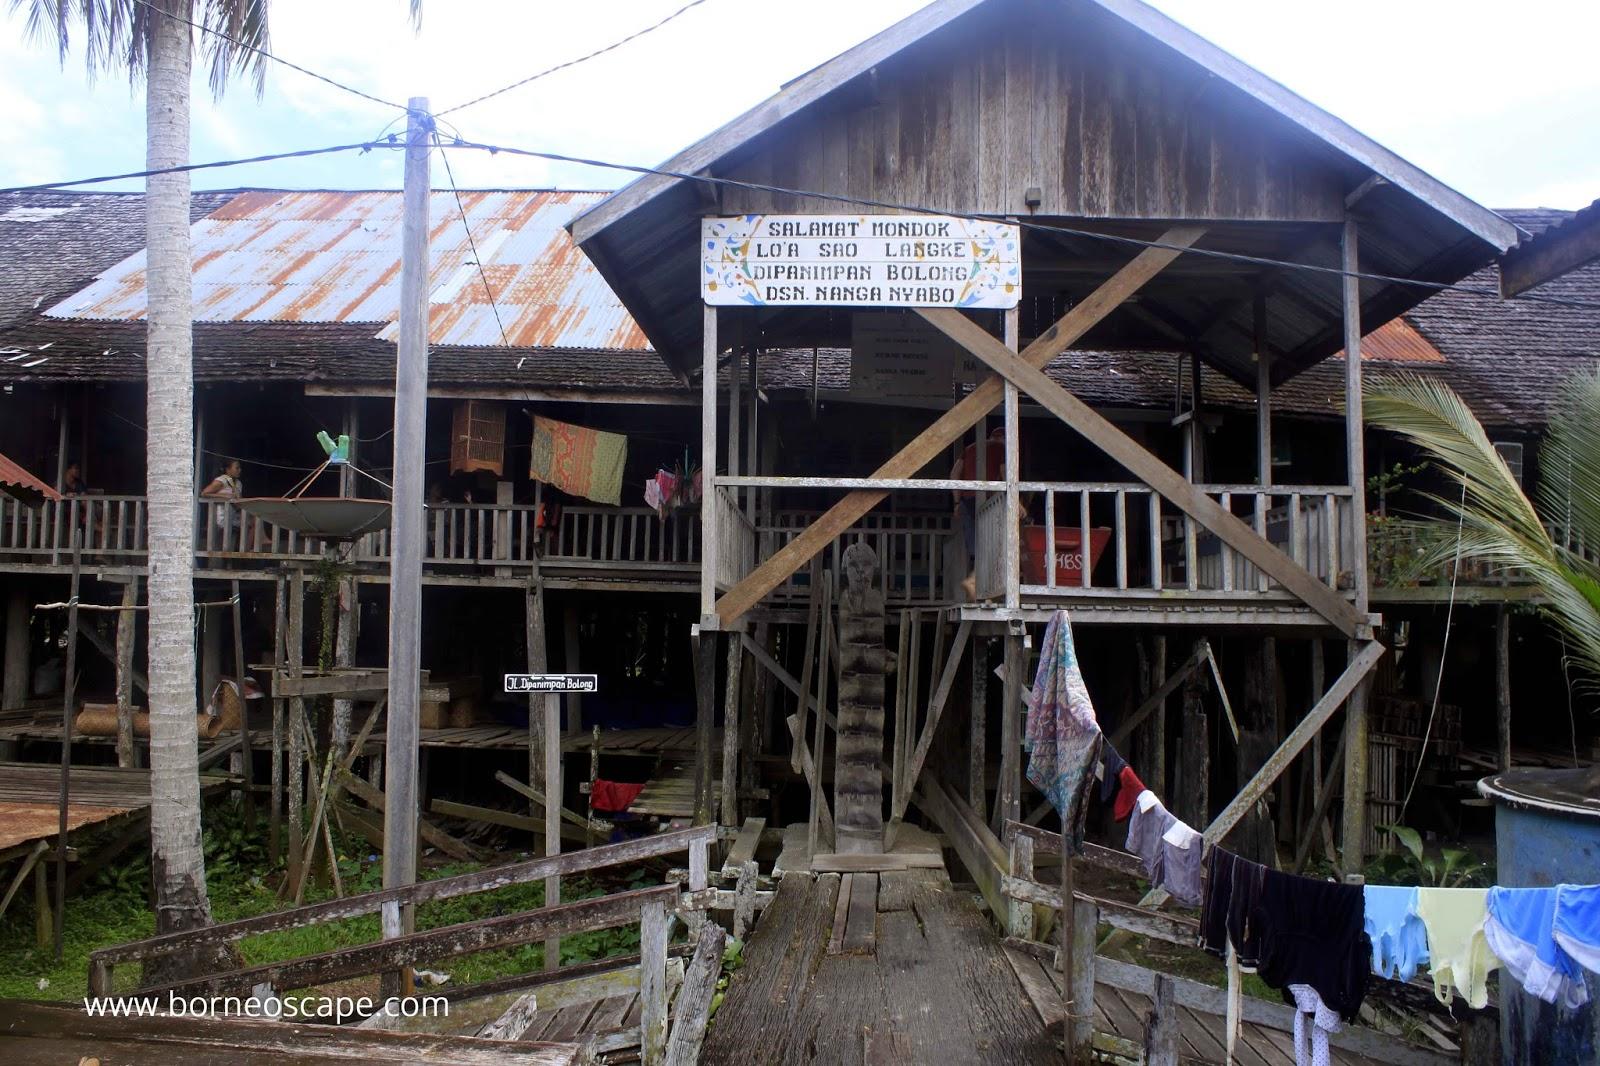 Dipanimpan Bolong Betang House